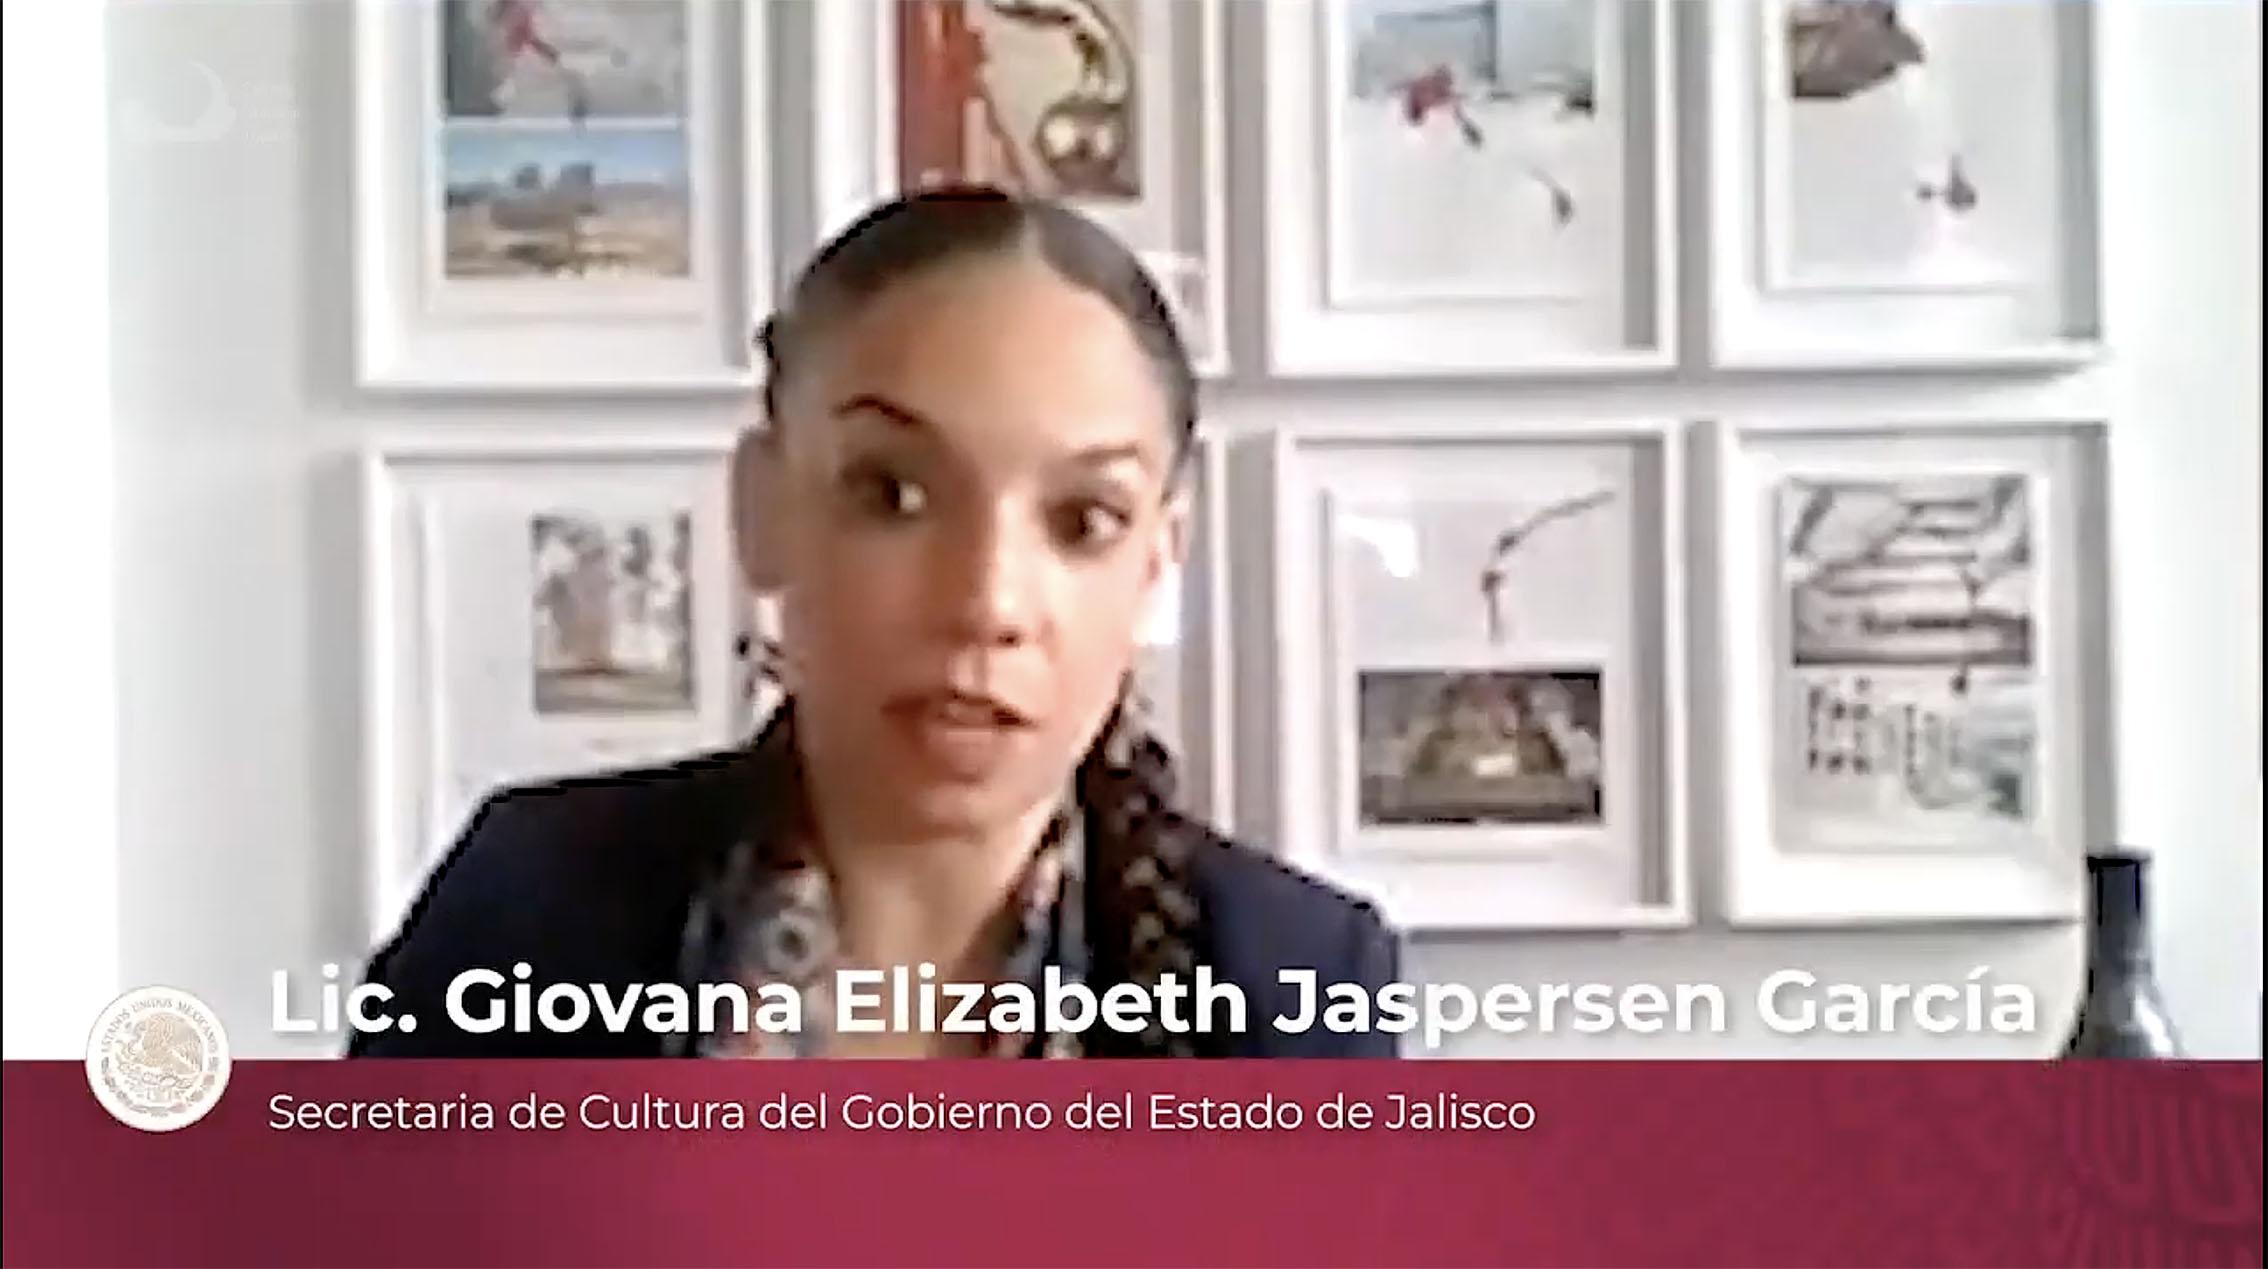 """Participantes a la ceremonia virtual inauguraron la exposición """"Construyendo puentes en época de muros. Arte chicano/mexicano de Los Ángeles a México"""", en el CECUT"""